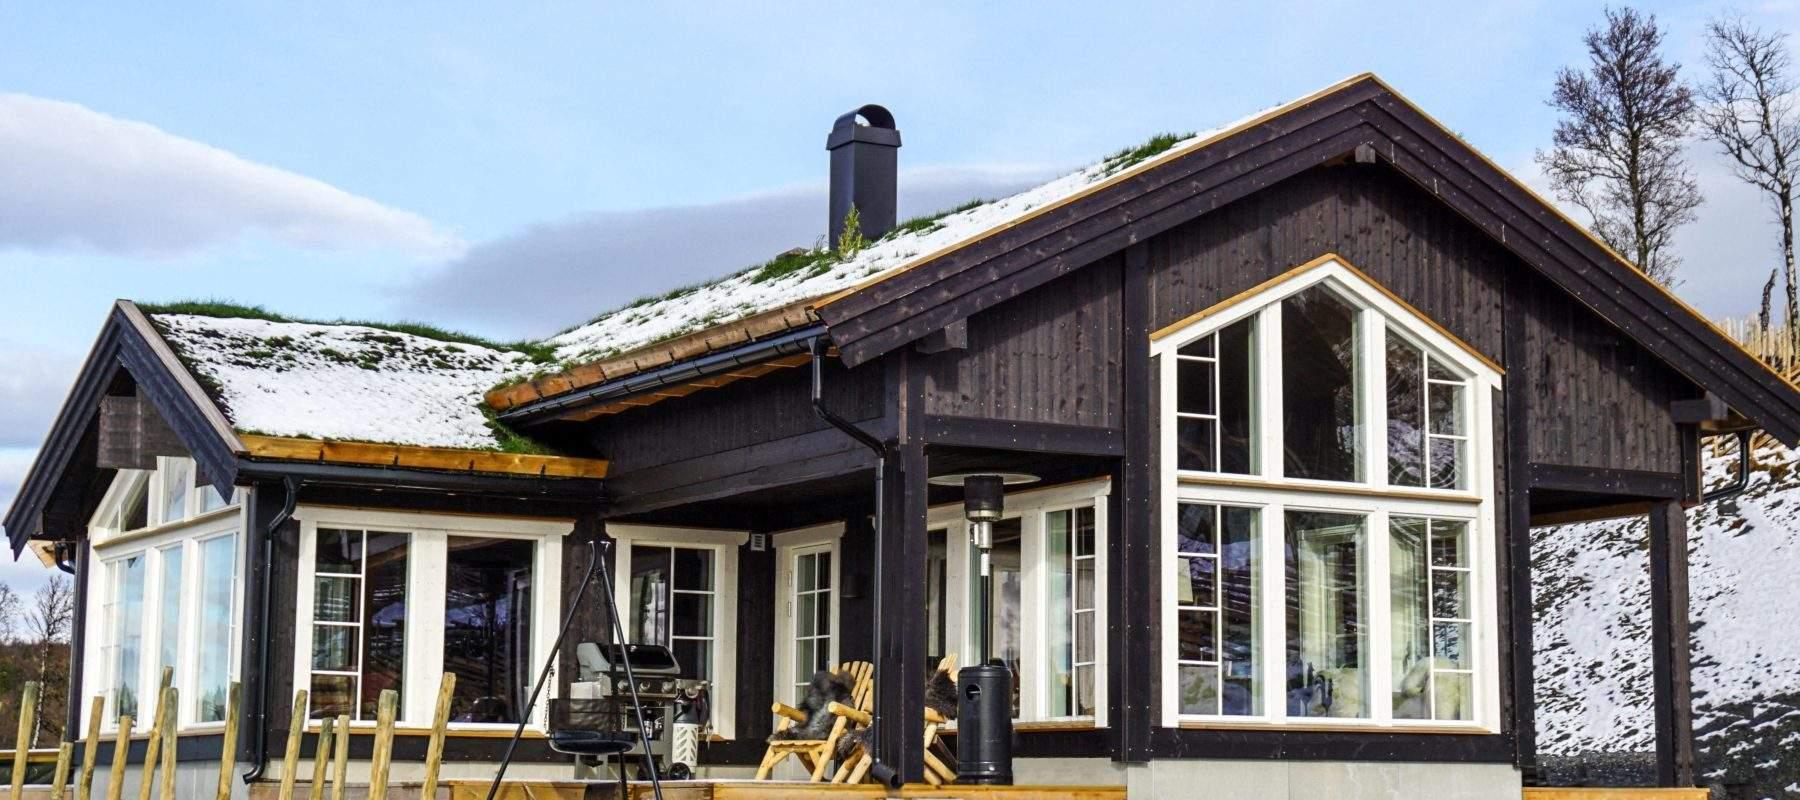 150 Vaset – Høyset Panorama. Hytte Strynsfjell 122 – Tiurtoppen Hytter